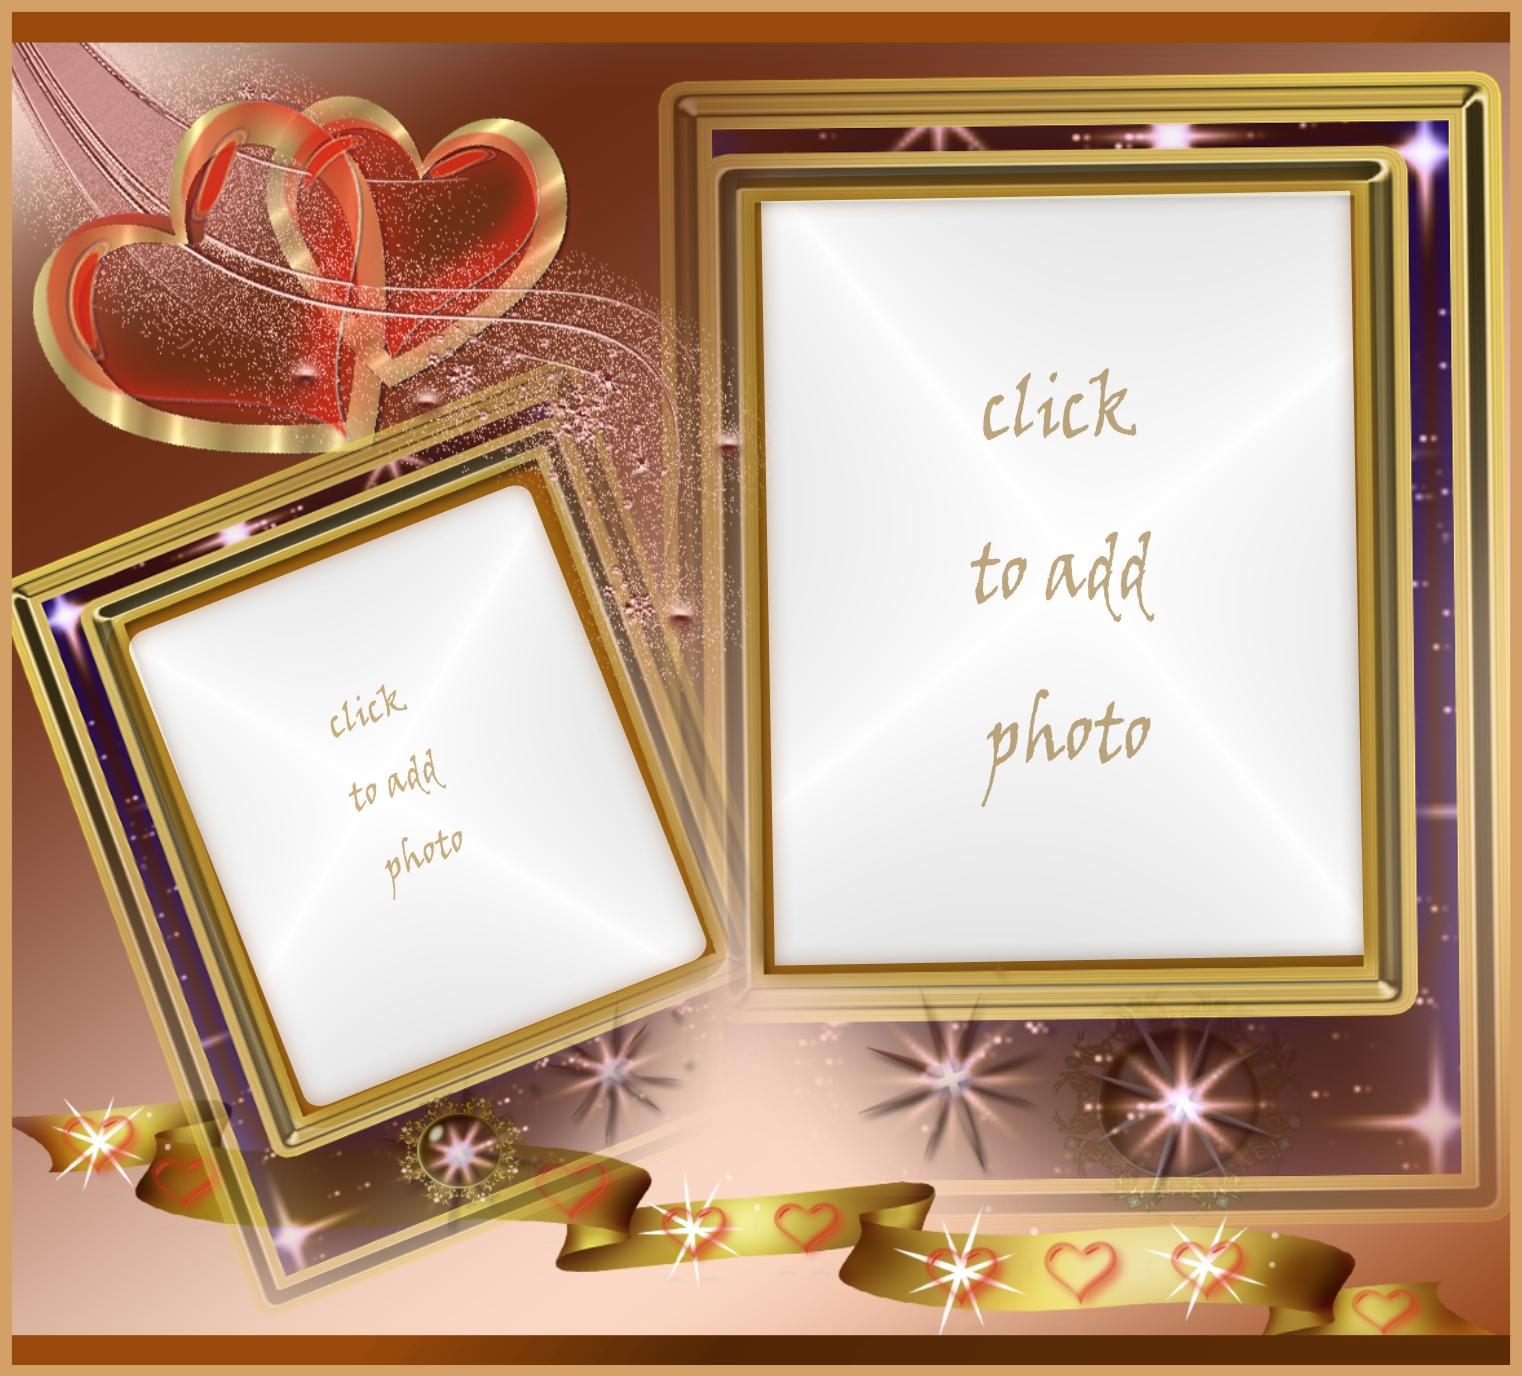 Imikimi Com Wedding Frames | Framejdi.org